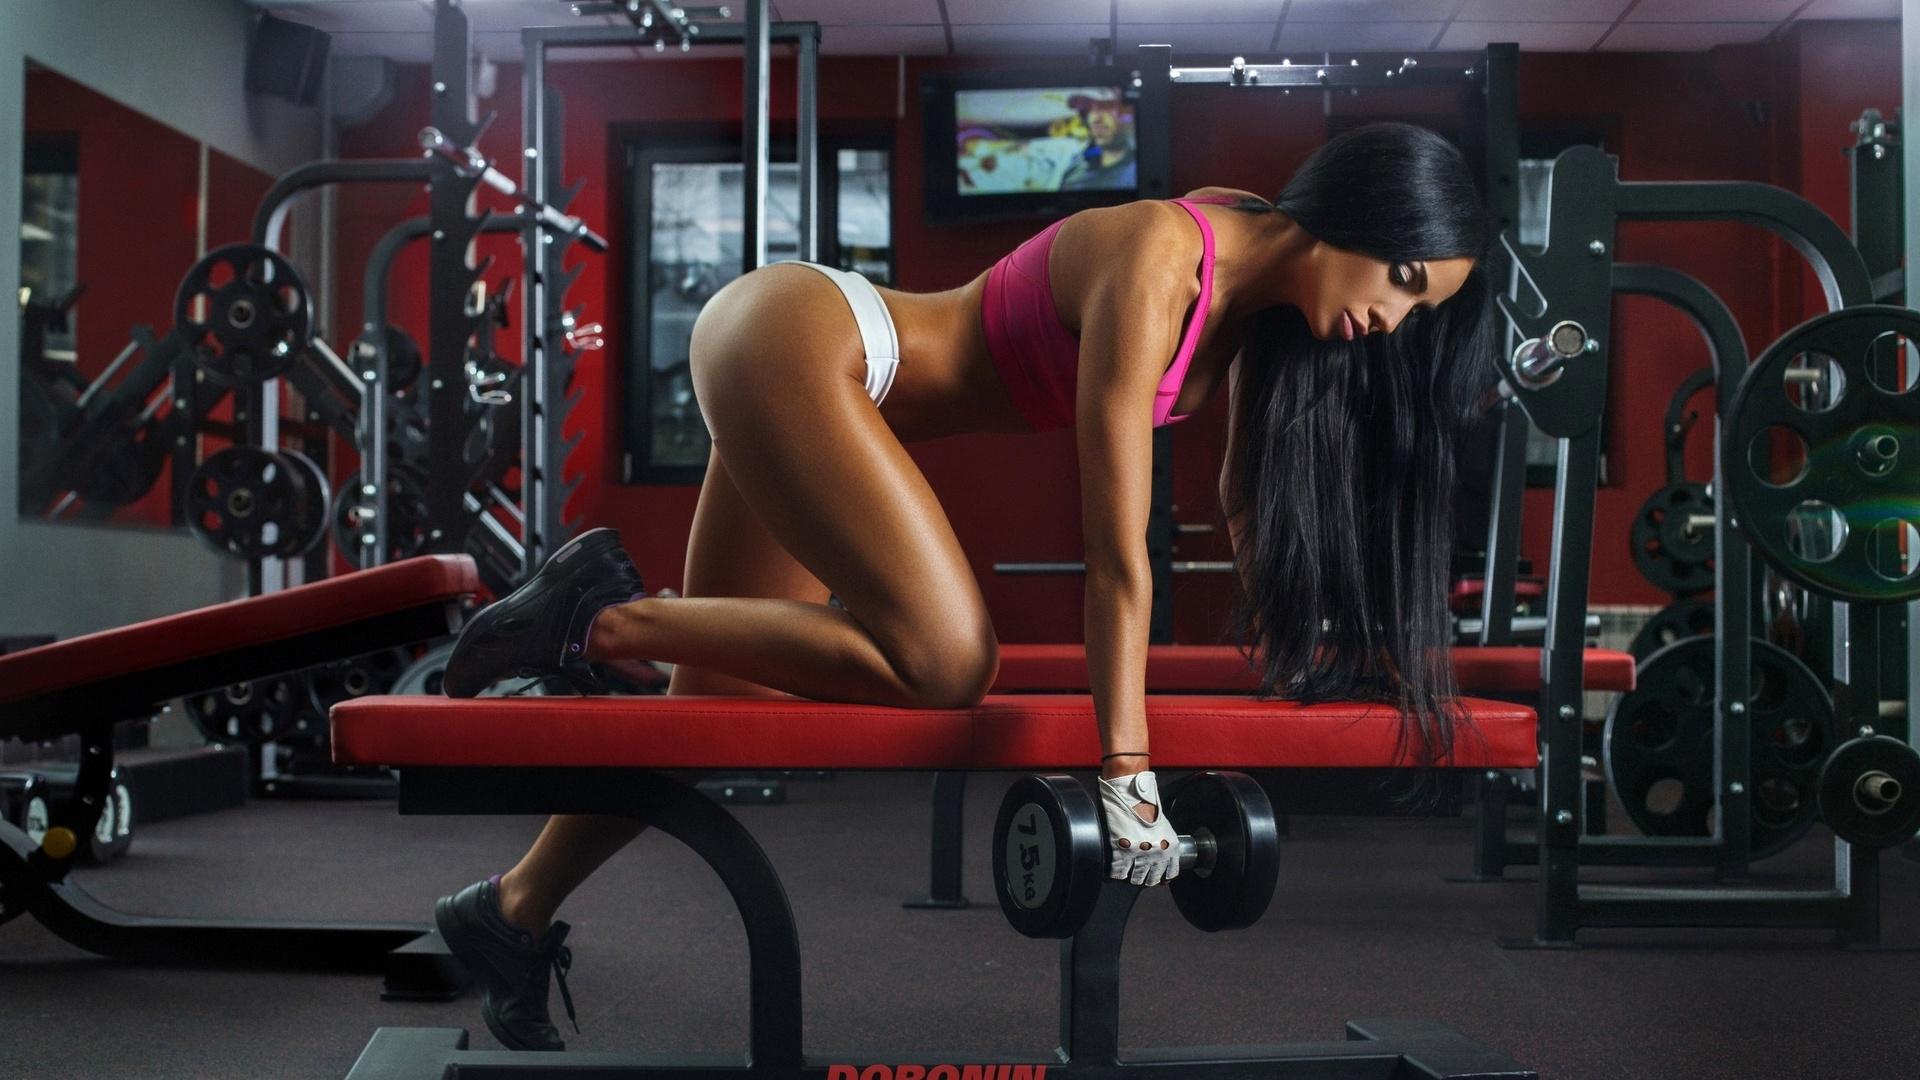 Русский трахает спортсменку, Спортсменки » Порно видео с молоденькими 18 летними 23 фотография